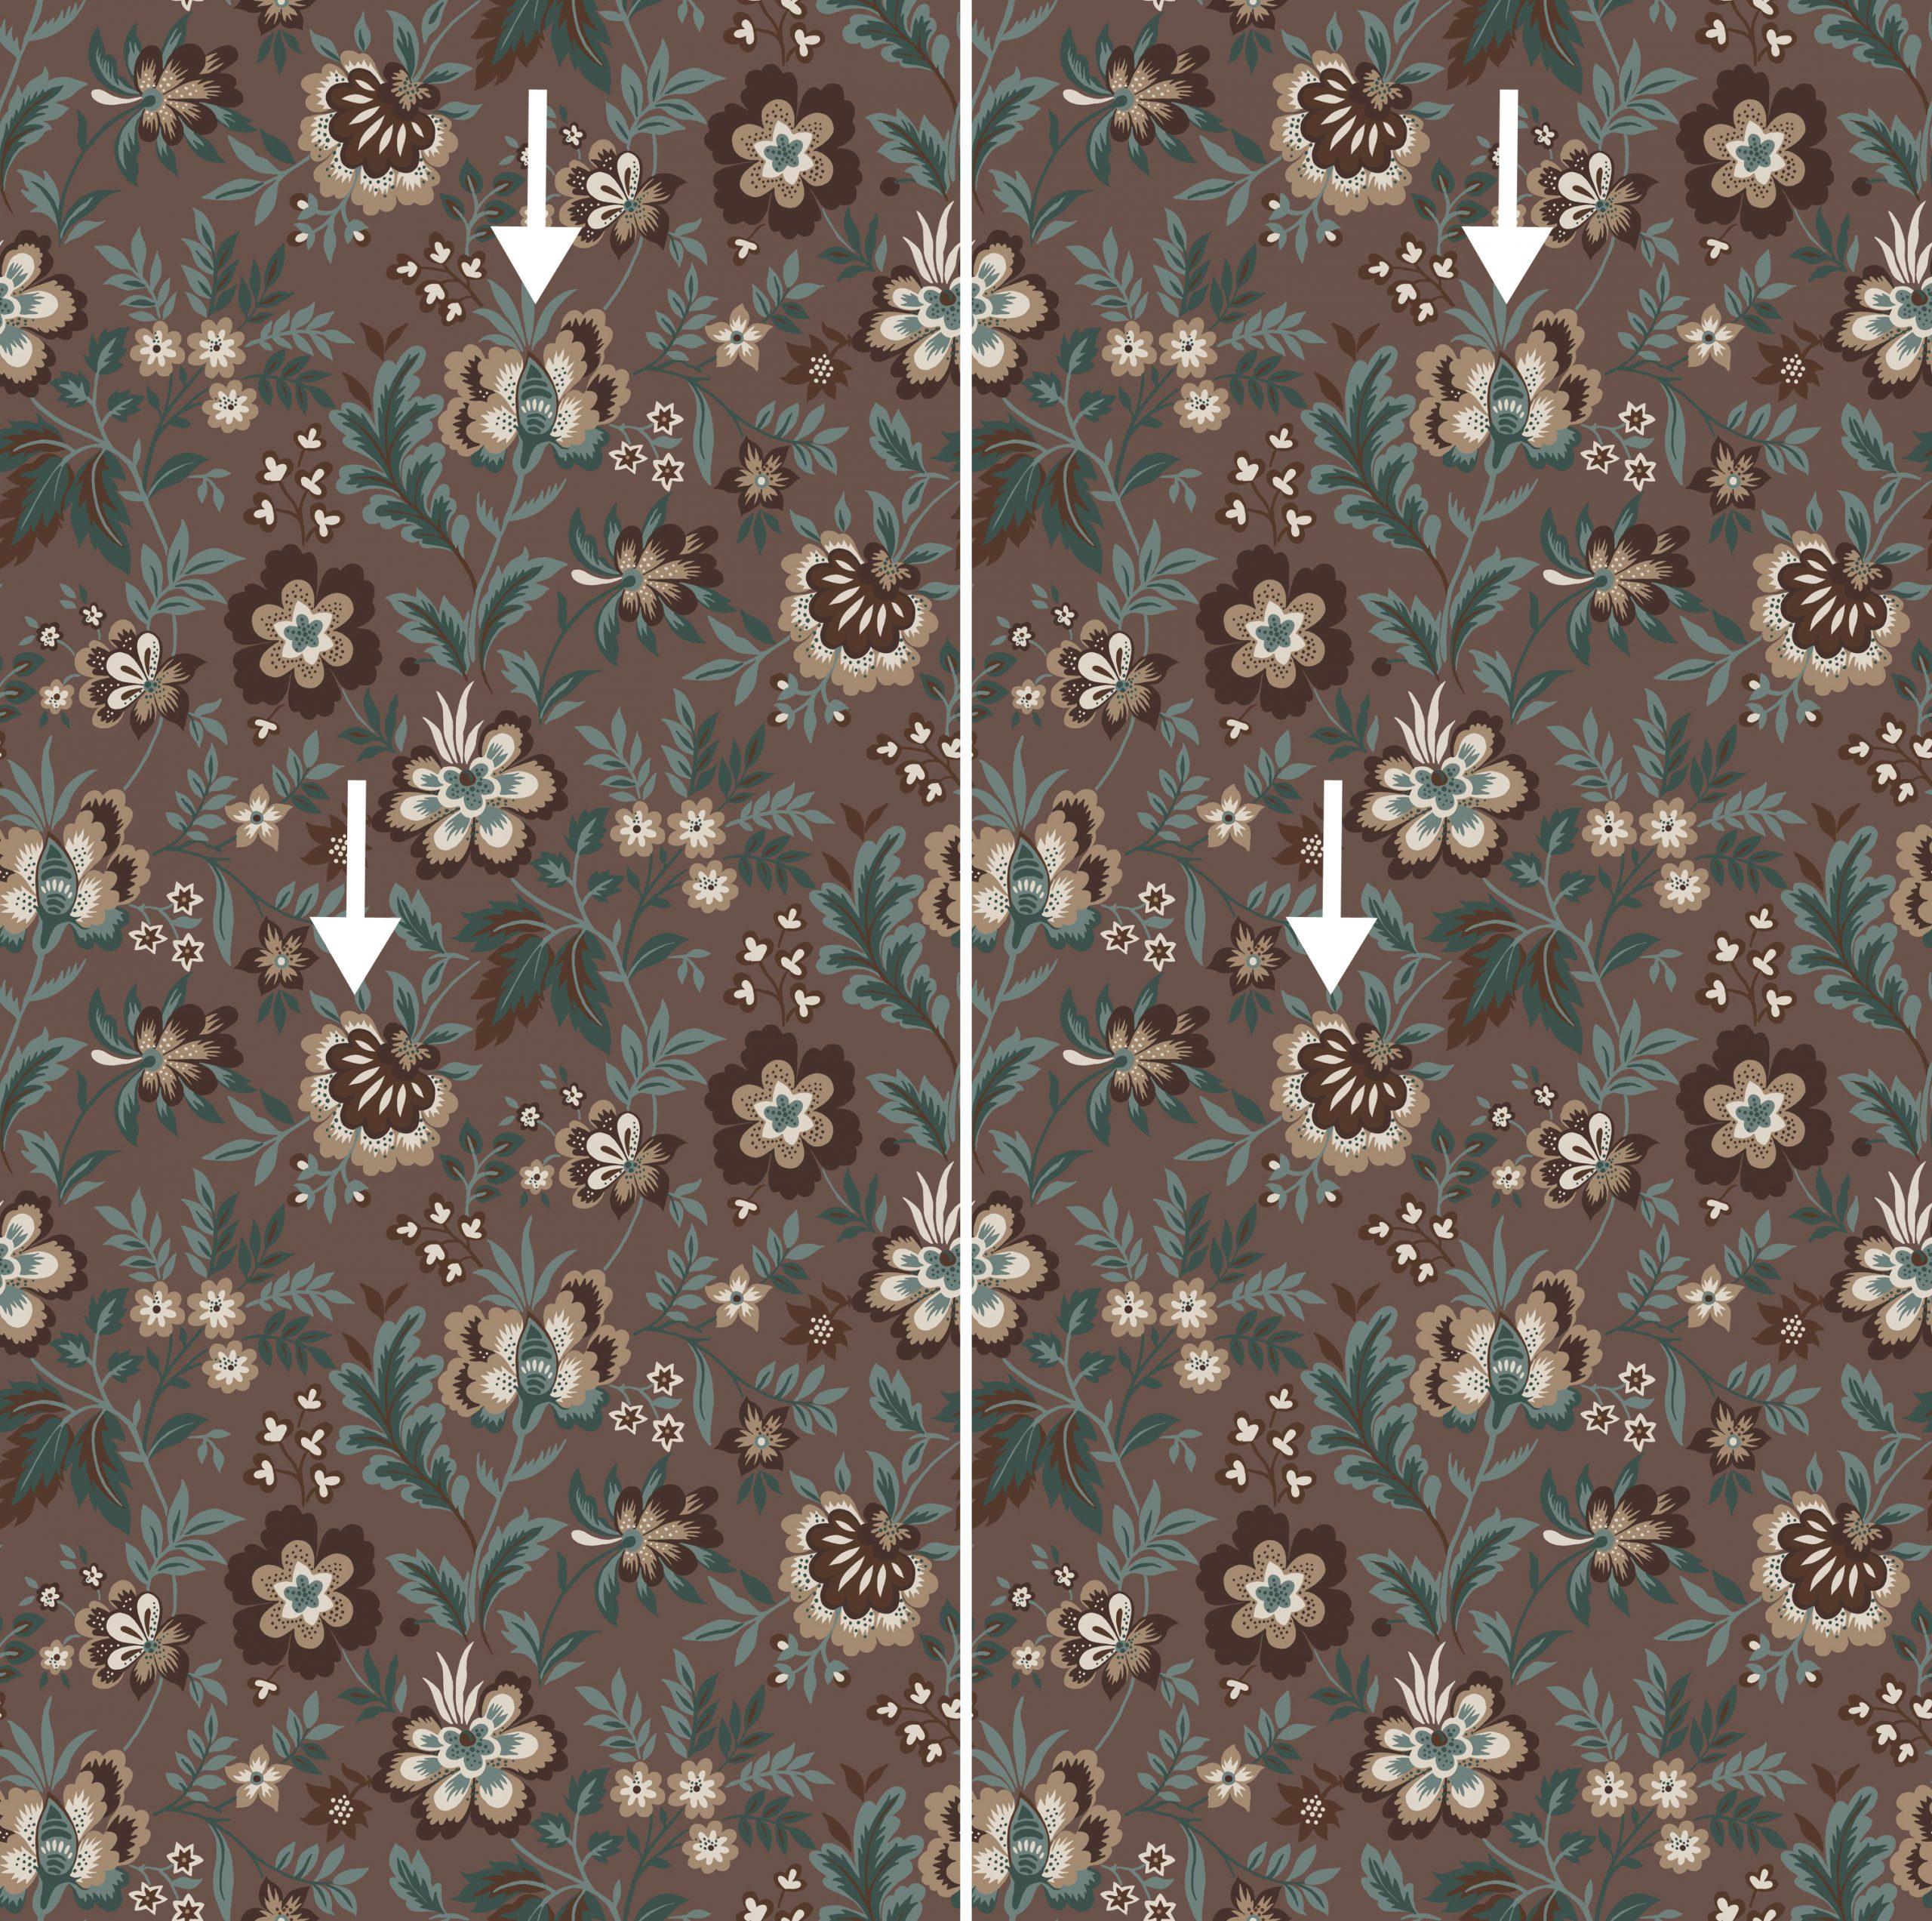 lyckebo-mönsterpass-åtgången-tapetrullar-midbec-tapeter